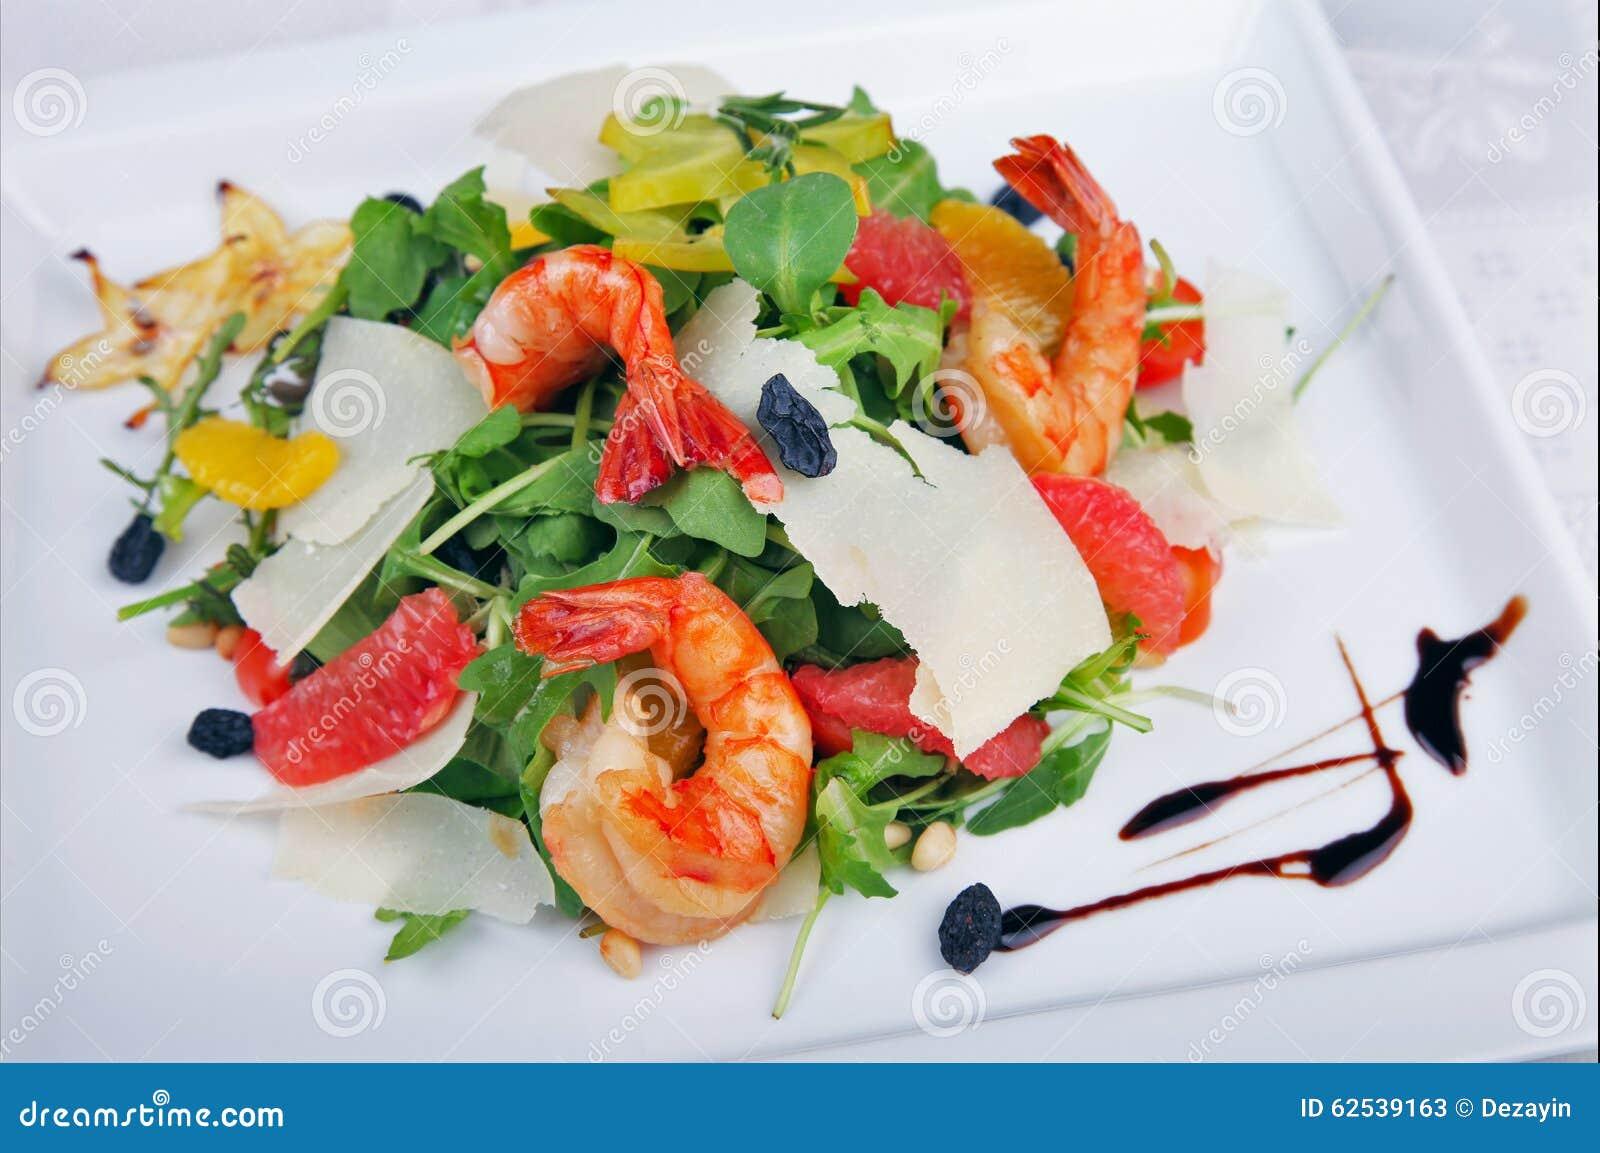 大虾和蔬菜沙拉